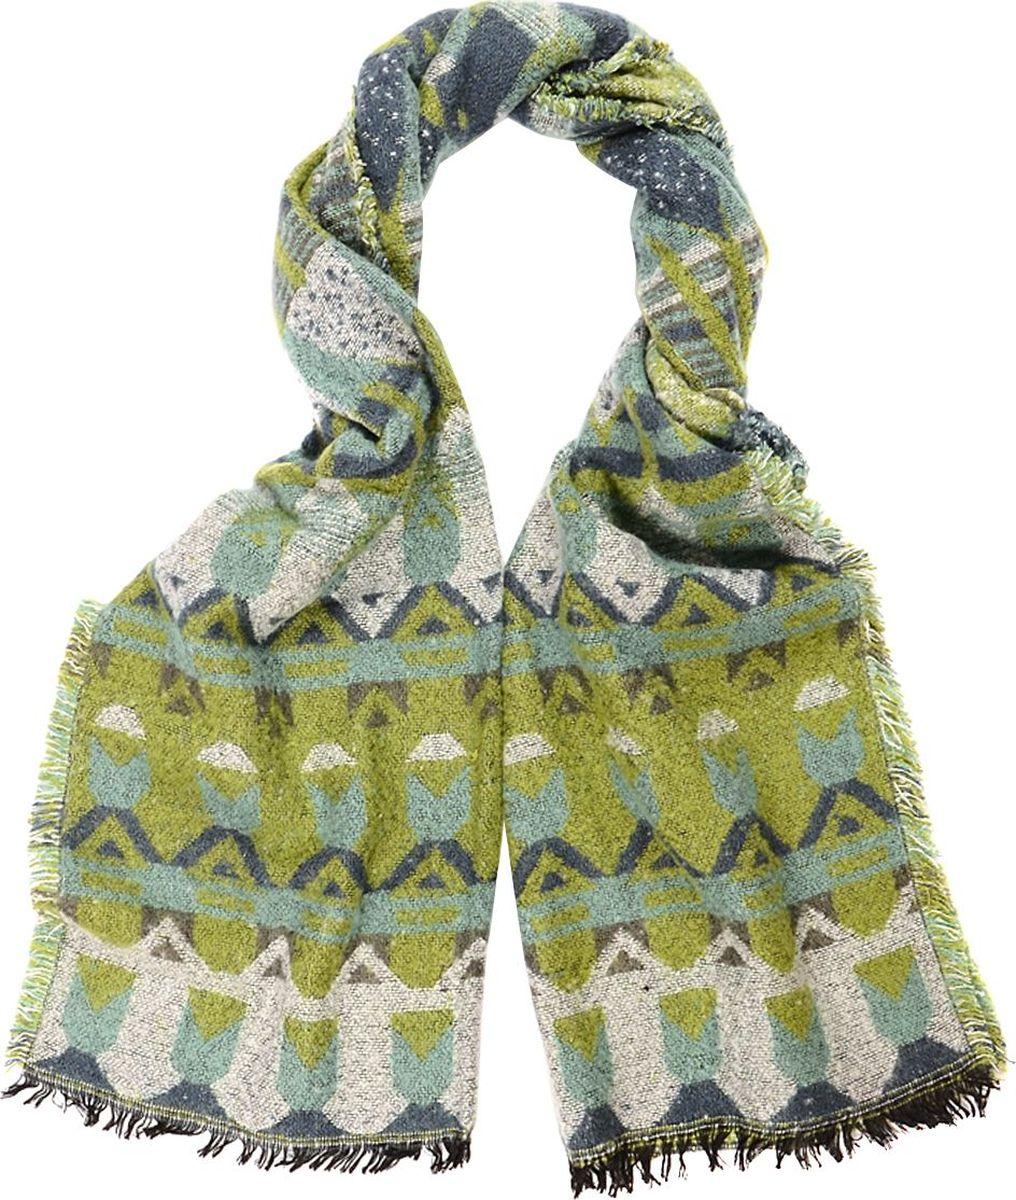 Шарф женский Laccom, цвет: зеленый. 3307. Размер 180 см х 60 см3307EШарф от Laccom, выполненный из высококачественного материала, приятный на ощупь и подойдет к любому стилю. Шарф оформлен стильным принтом.